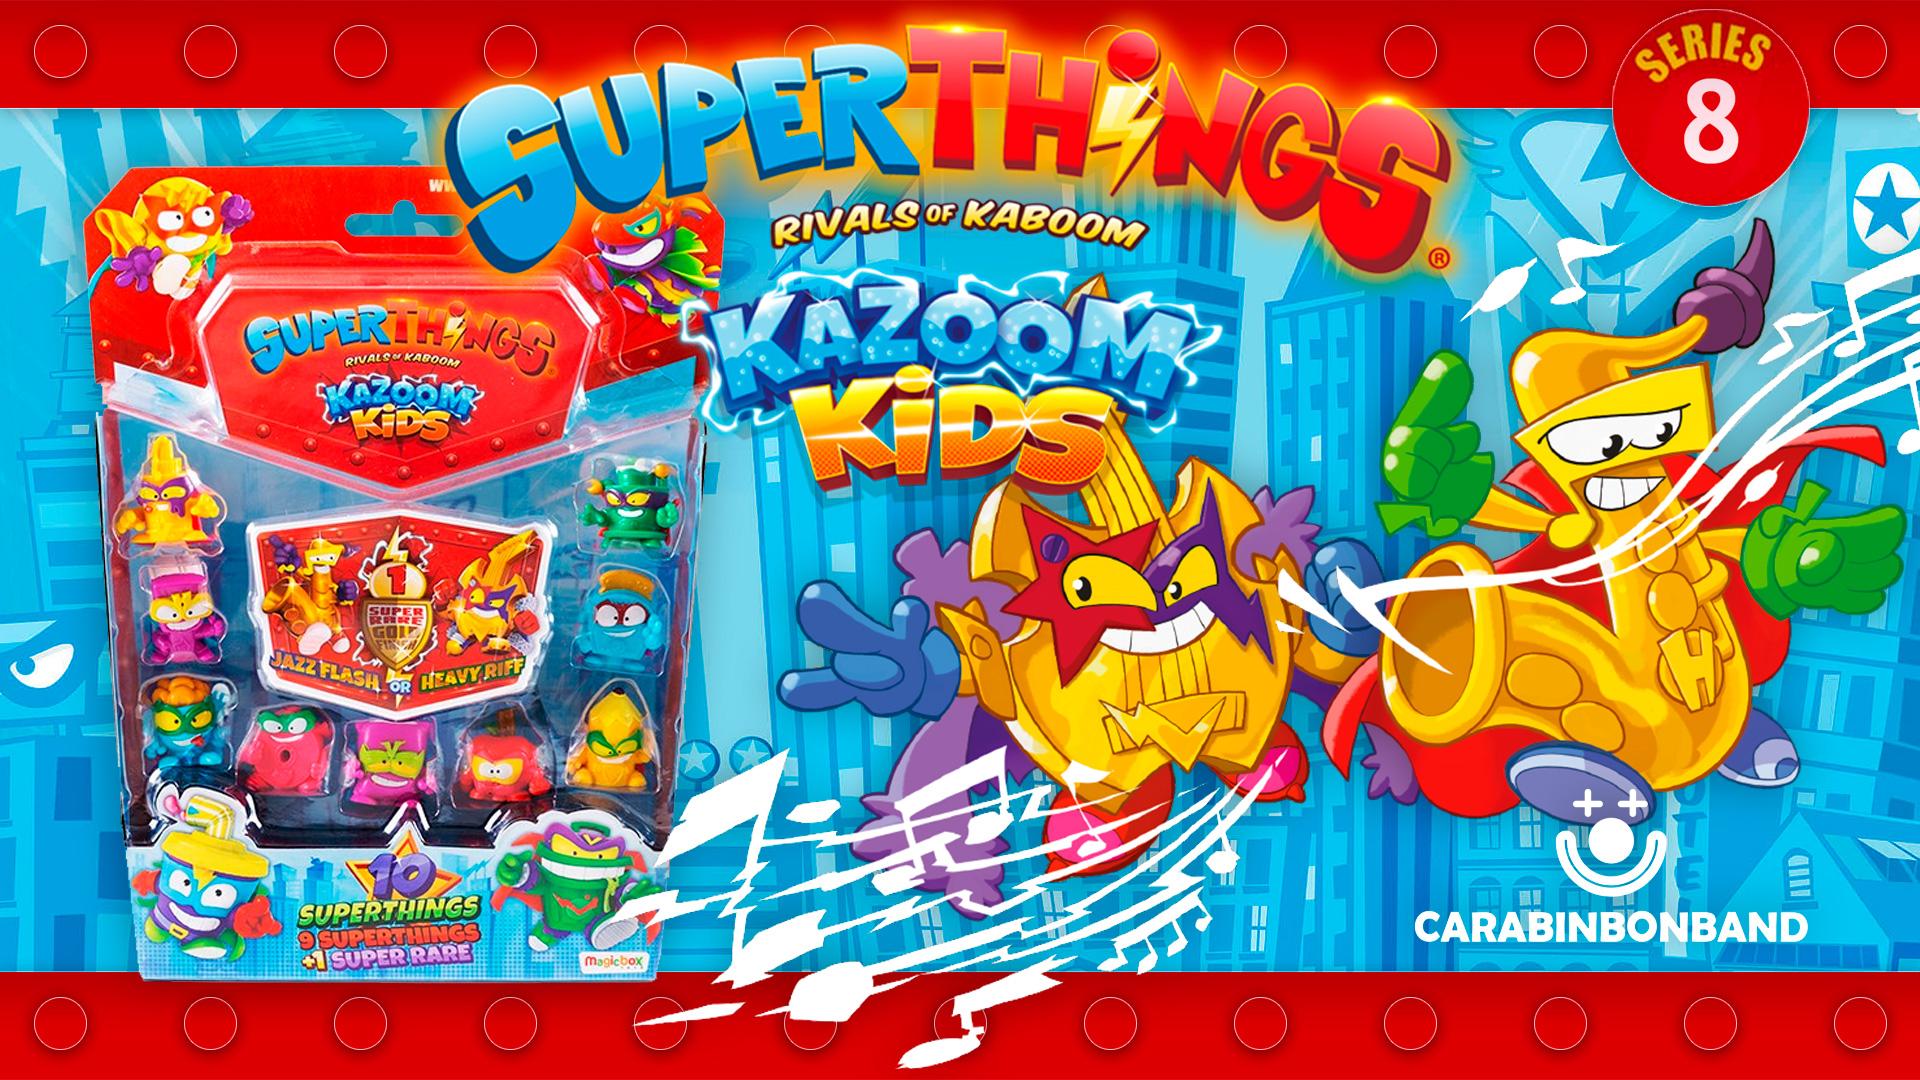 SUPERTHINGS SEASON 8 - BLISTER 10 FIGURES SUPERZINGS KAZOOM KIDS AND GOLDEN